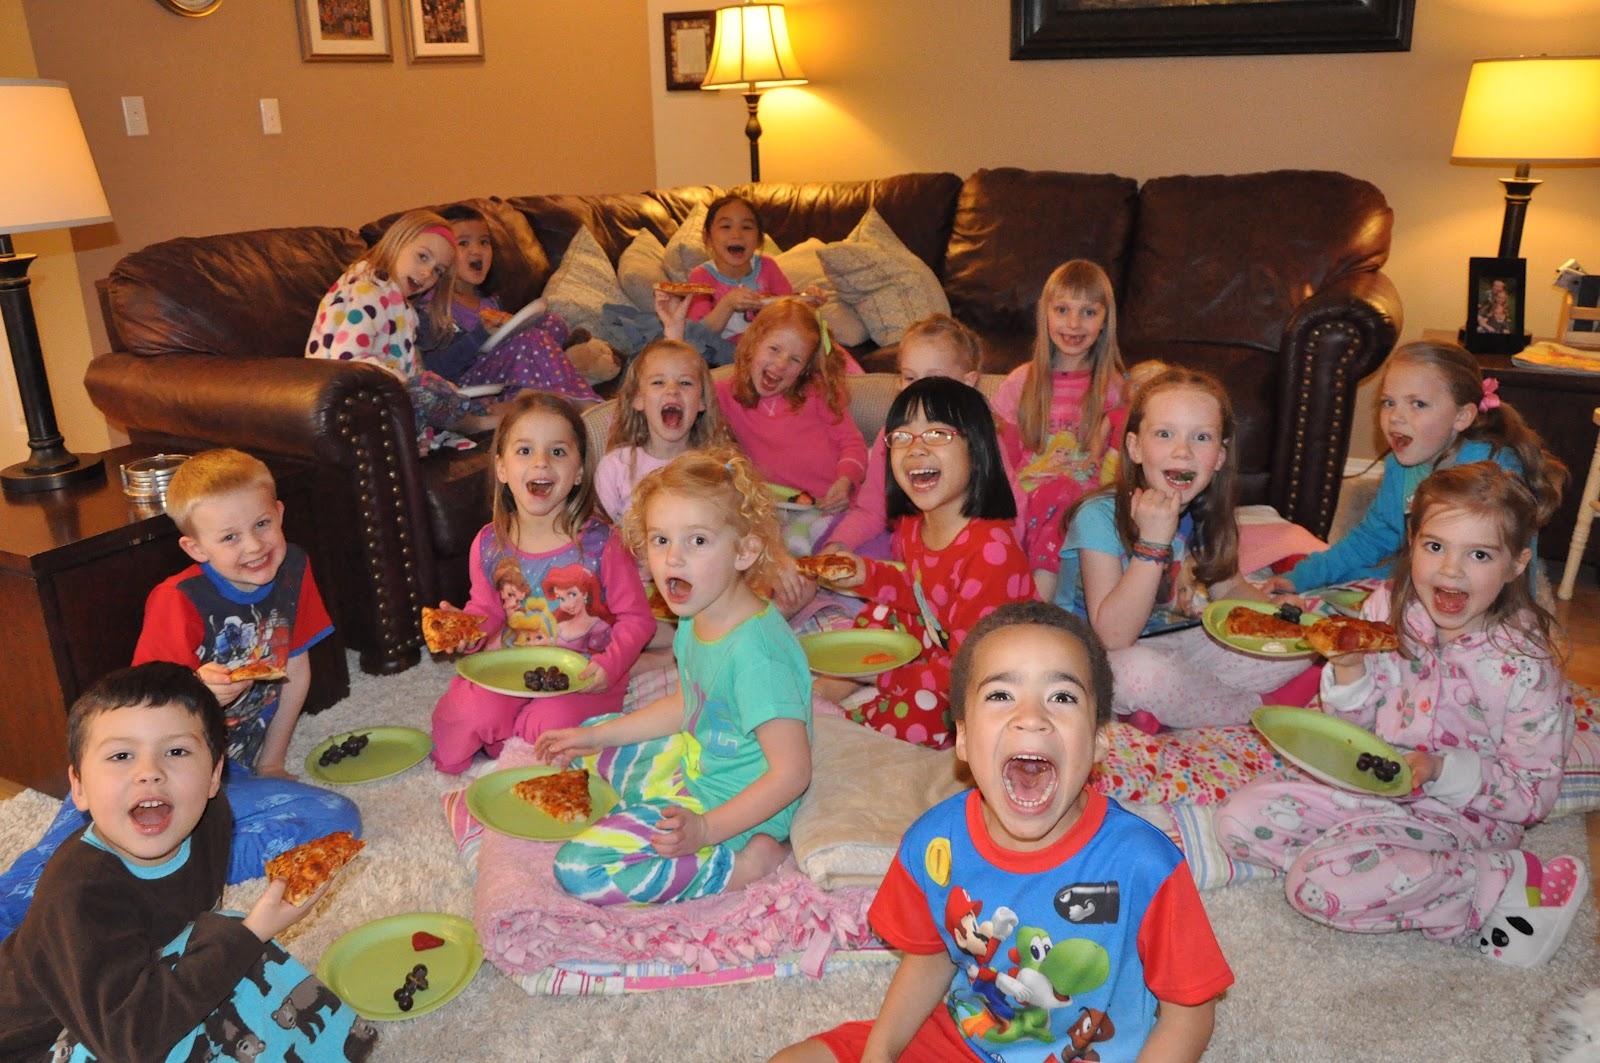 Pyjama party full movie - 4 2